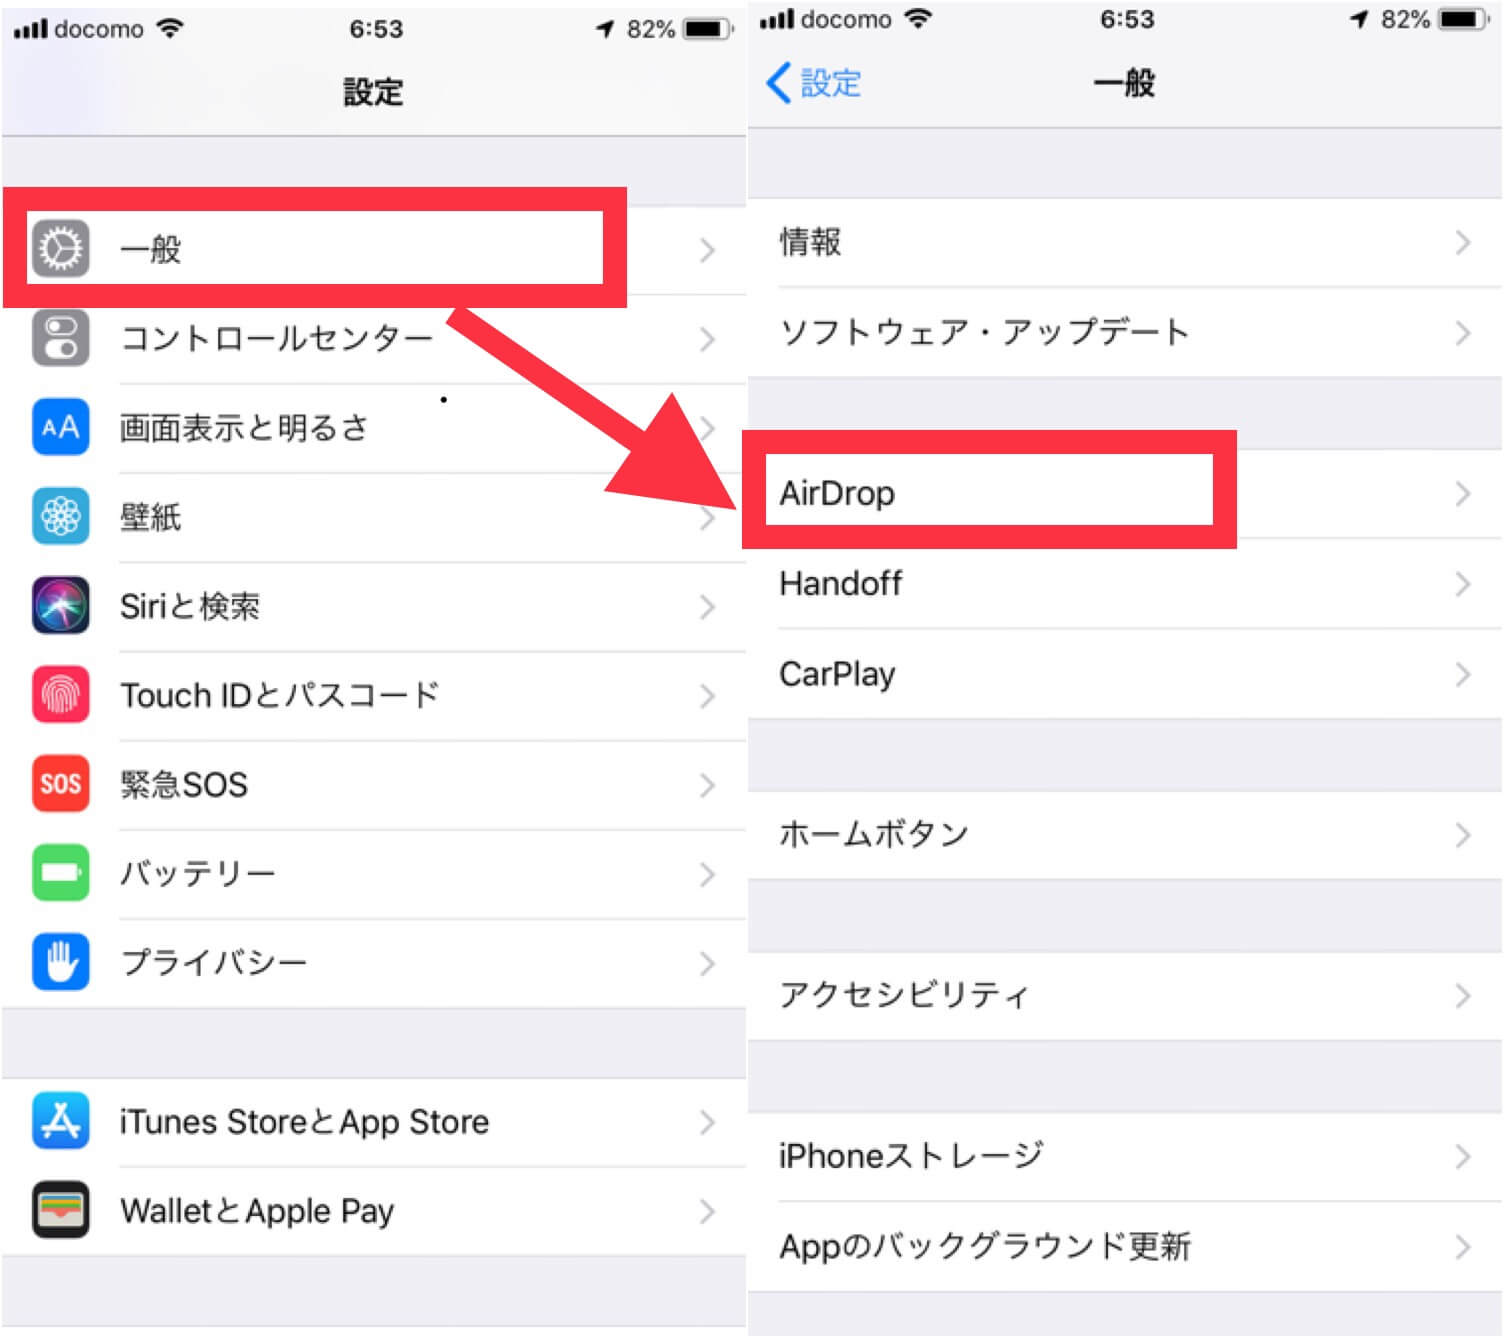 iPhoneの設定アプリを開いて、AirDopの設定をするところの画面説明です。